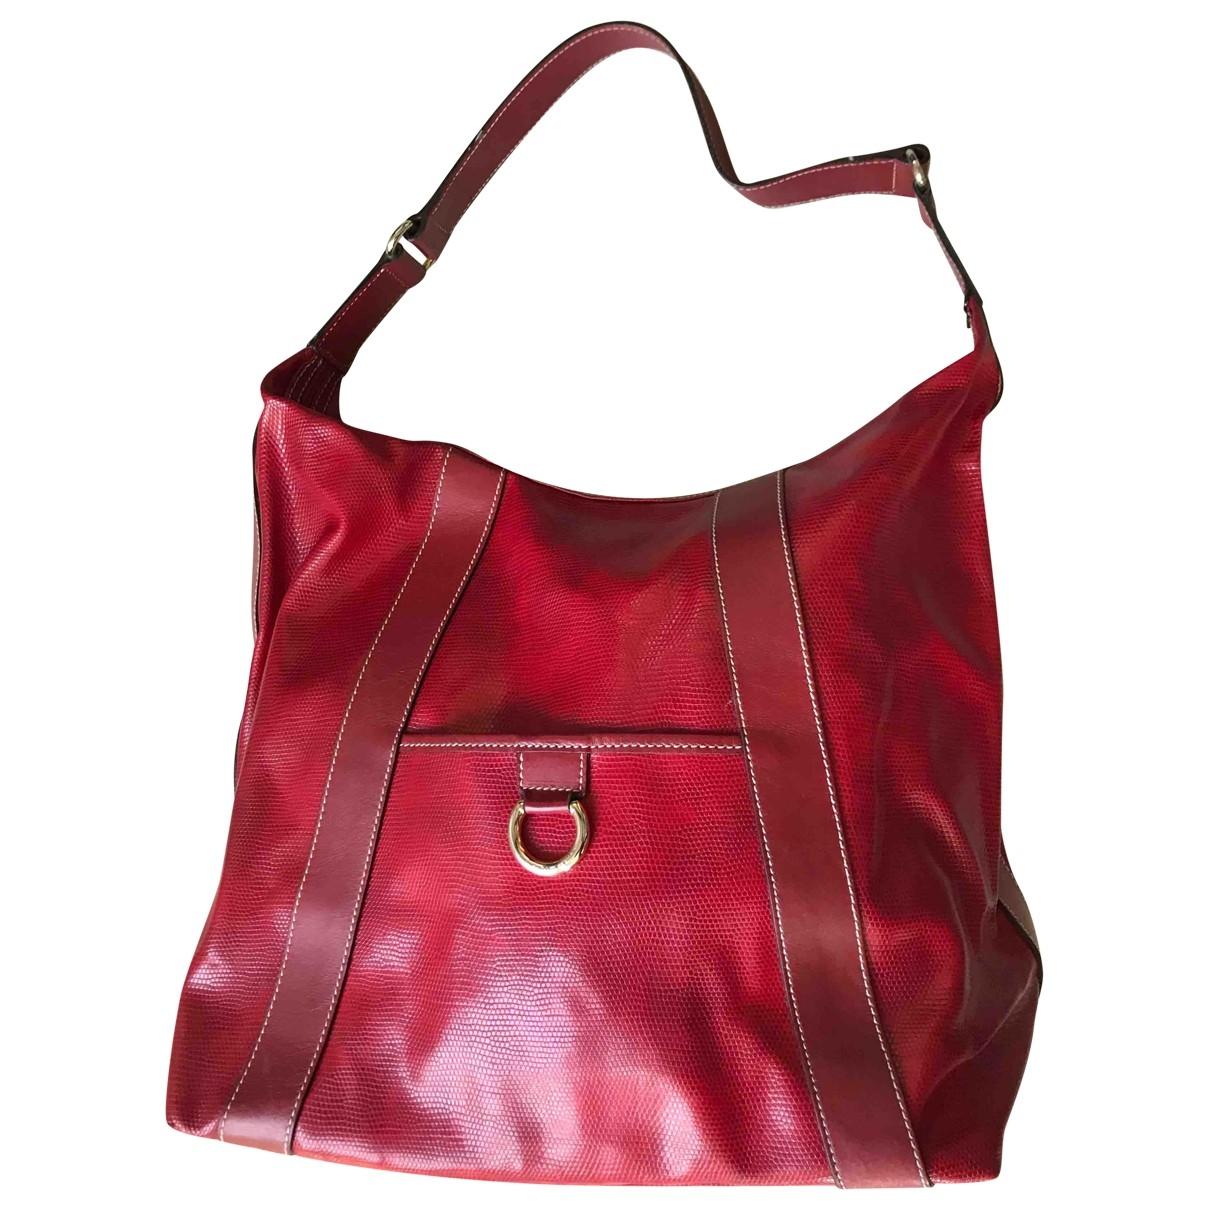 Lancel - Sac a main   pour femme en cuir - rouge